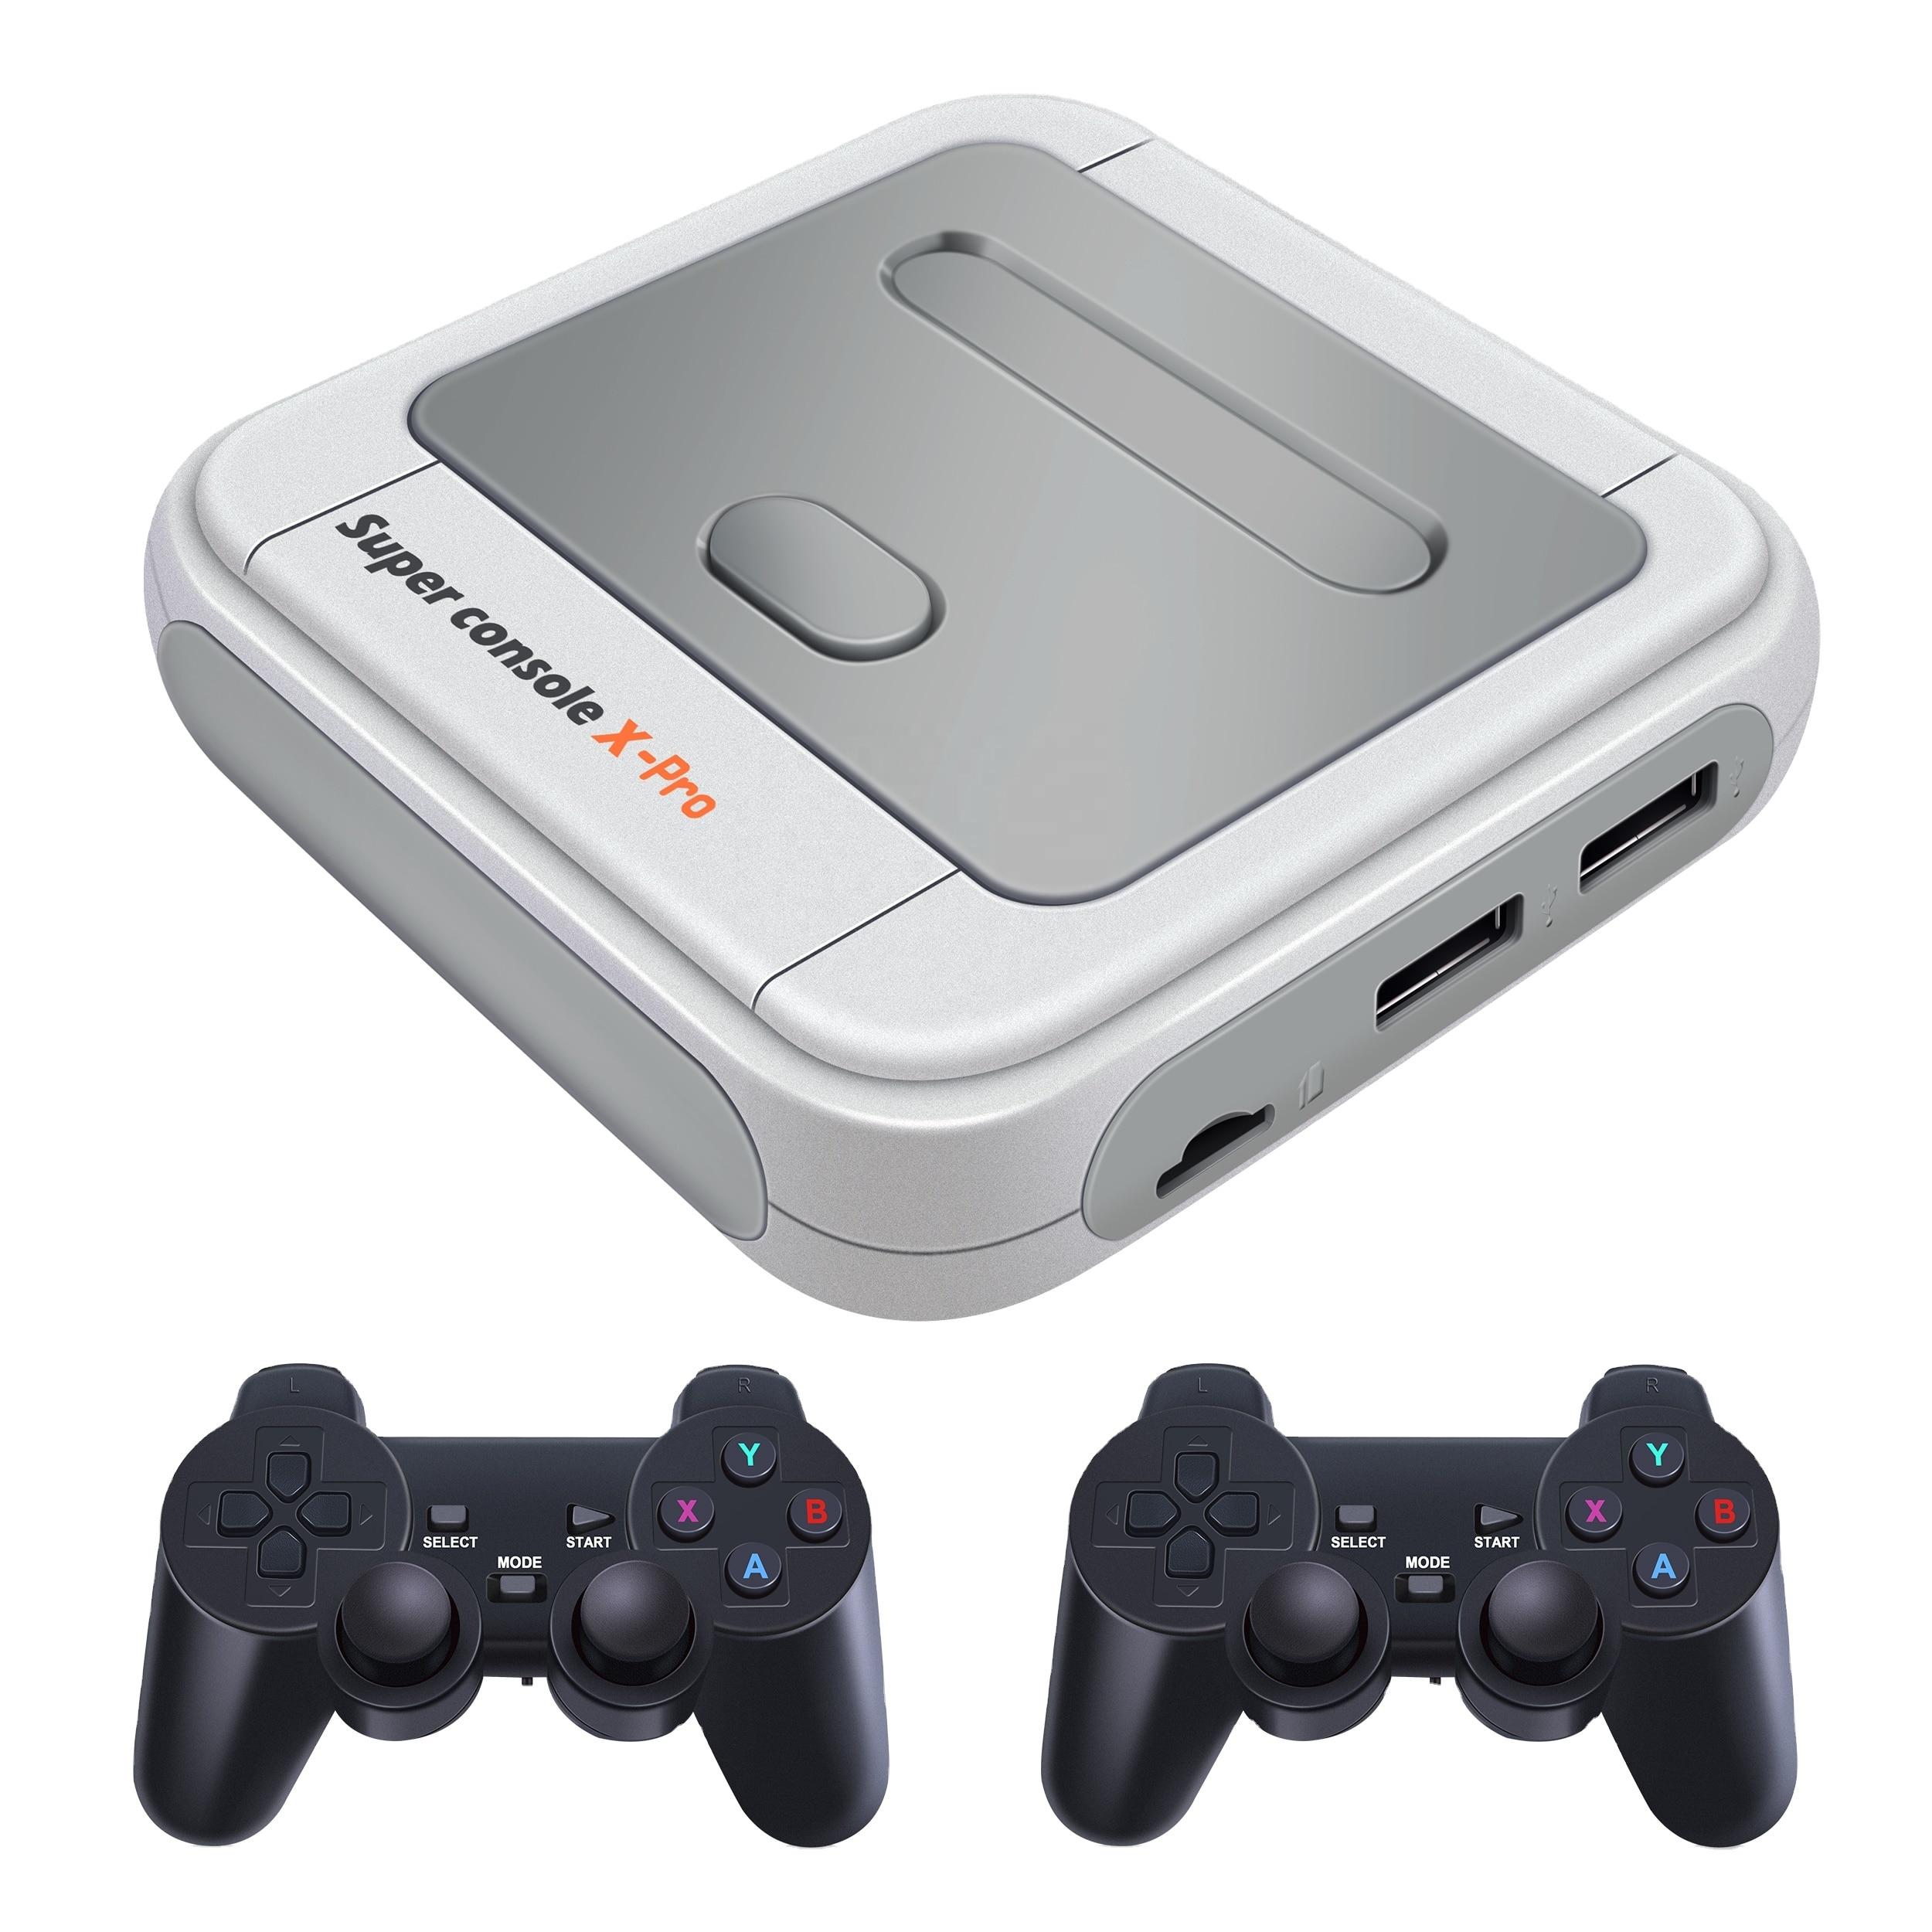 سوبر وحدة التحكم X برو 256GB 2.4G لوحة ألعاب لاسلكية 4K ألعاب الفيديو وحدة التحكم ل PSP PS1 N64 MD بناء في 50000 ألعاب